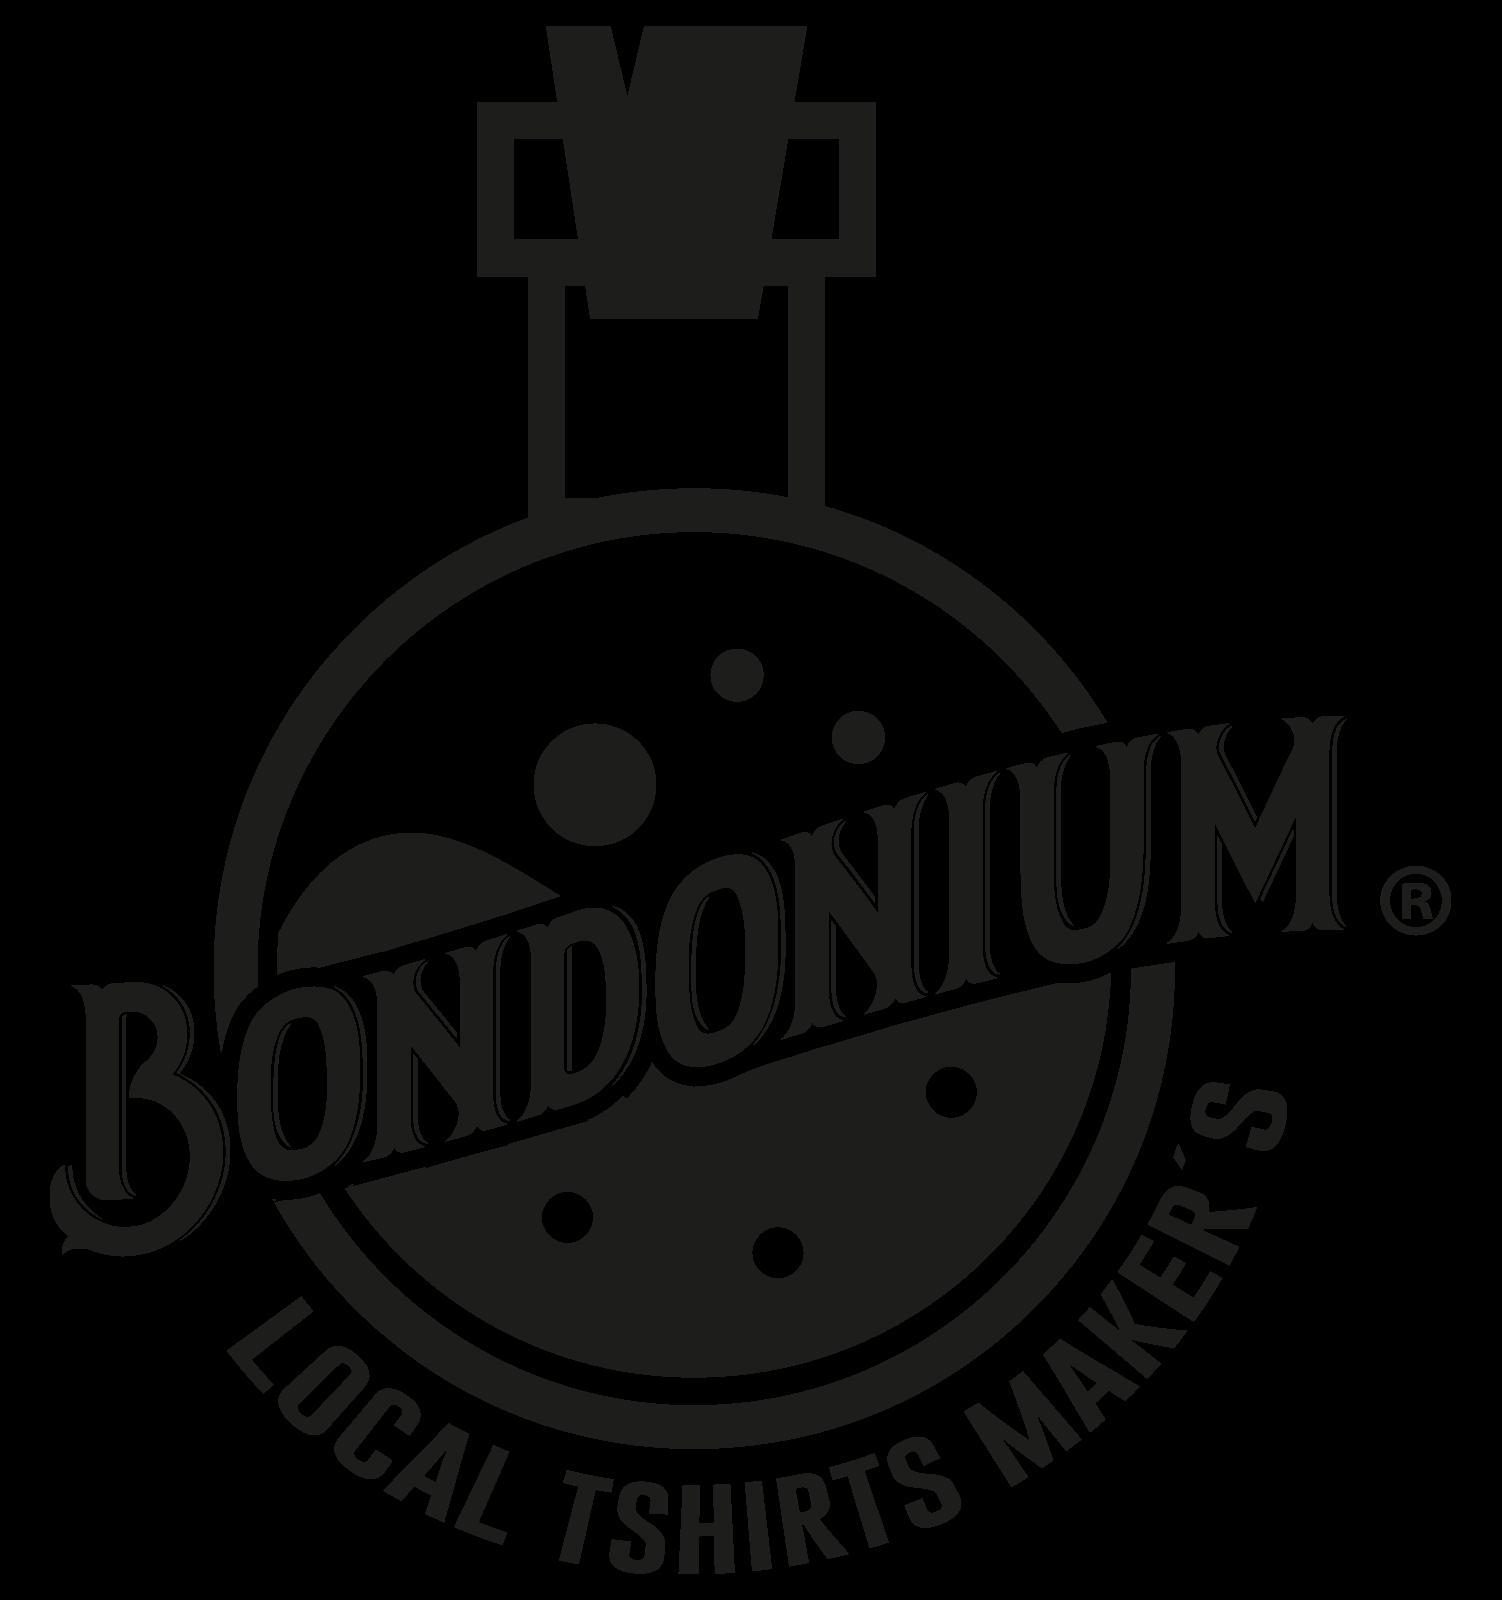 Bondonium